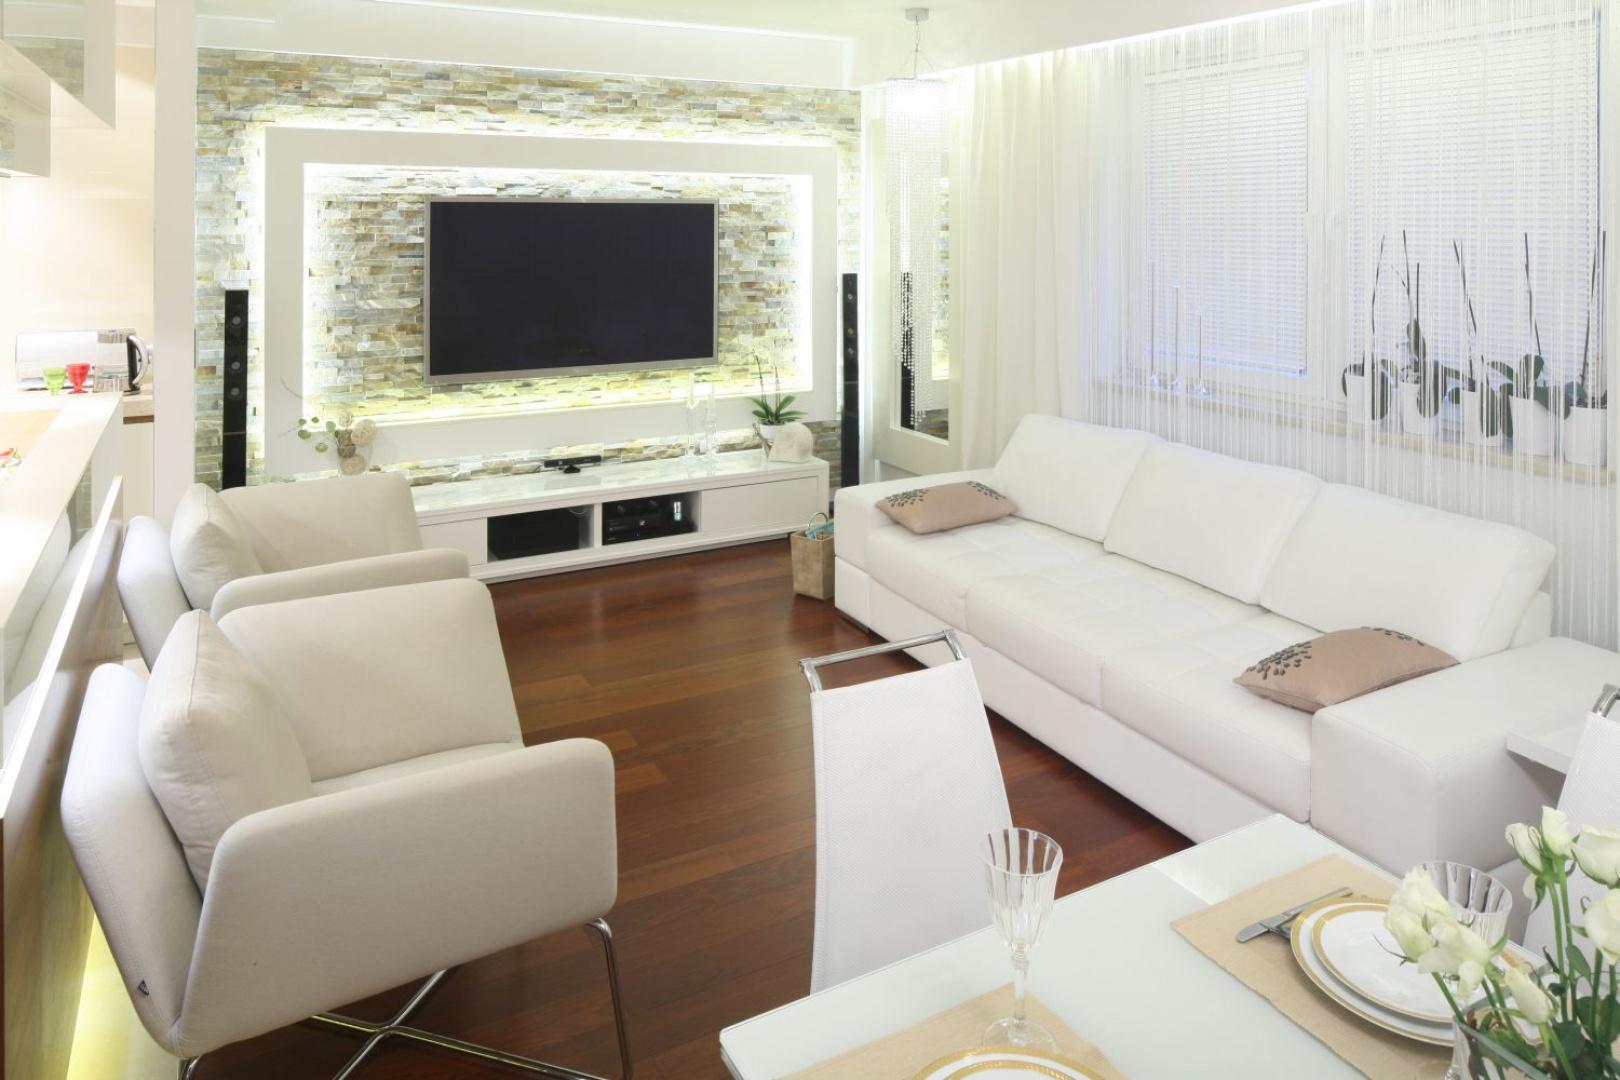 W niedużym salonie zdecydowano się na trzyosobową sofę, którą ustawiono wzdłuż okna. Do niej dobrano dwa wygodne fotele. Projekt: Małgorzata Mazur. Fot. Bartosz Jarosz.